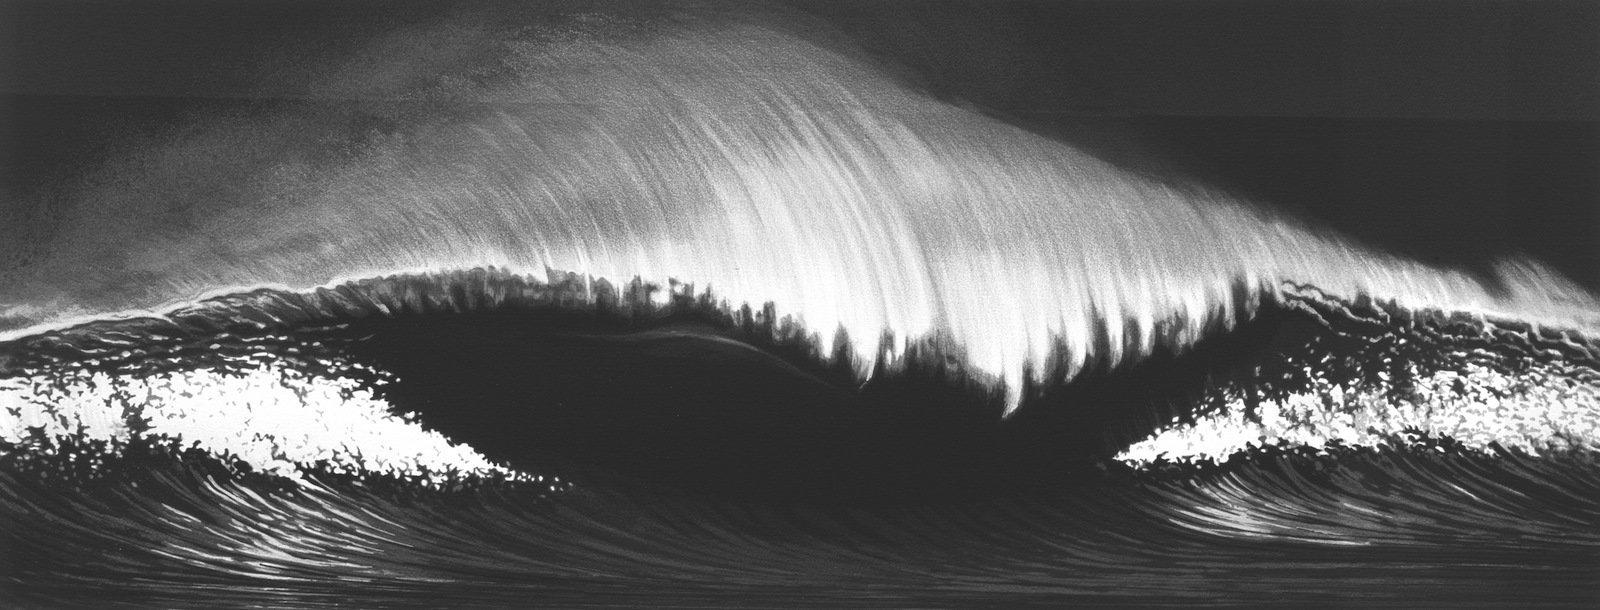 """Wave, by Robert Longo  Search """"강남풀싸롱+【OIO♬2I4I♧536I】강남야구장+강남룸+강남미러룸+강남하드코어+강남룸쌀롱+강남룸+강남풀싸롱+강남풀쌀롱+강남룸싸롱+강남하드코어"""" from Q&A with Artspace Founder"""